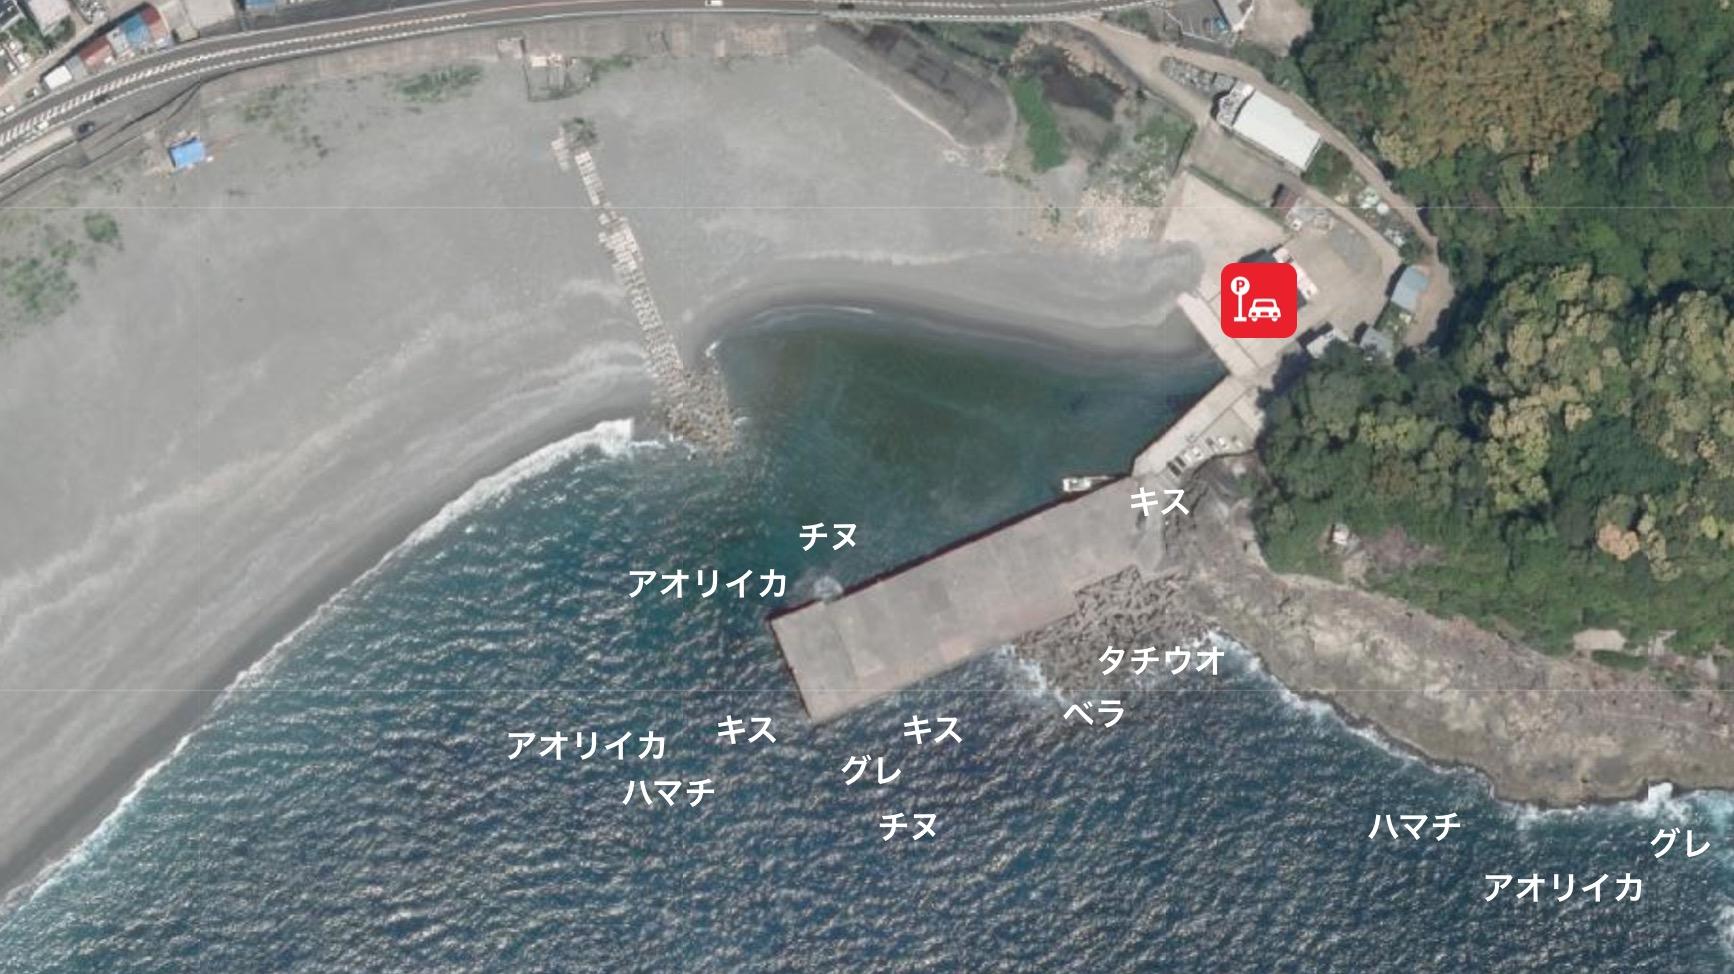 【三重県熊野市】『木本港:きのもとこう』の海釣りガイド(釣れる魚・駐車場・トイレ)